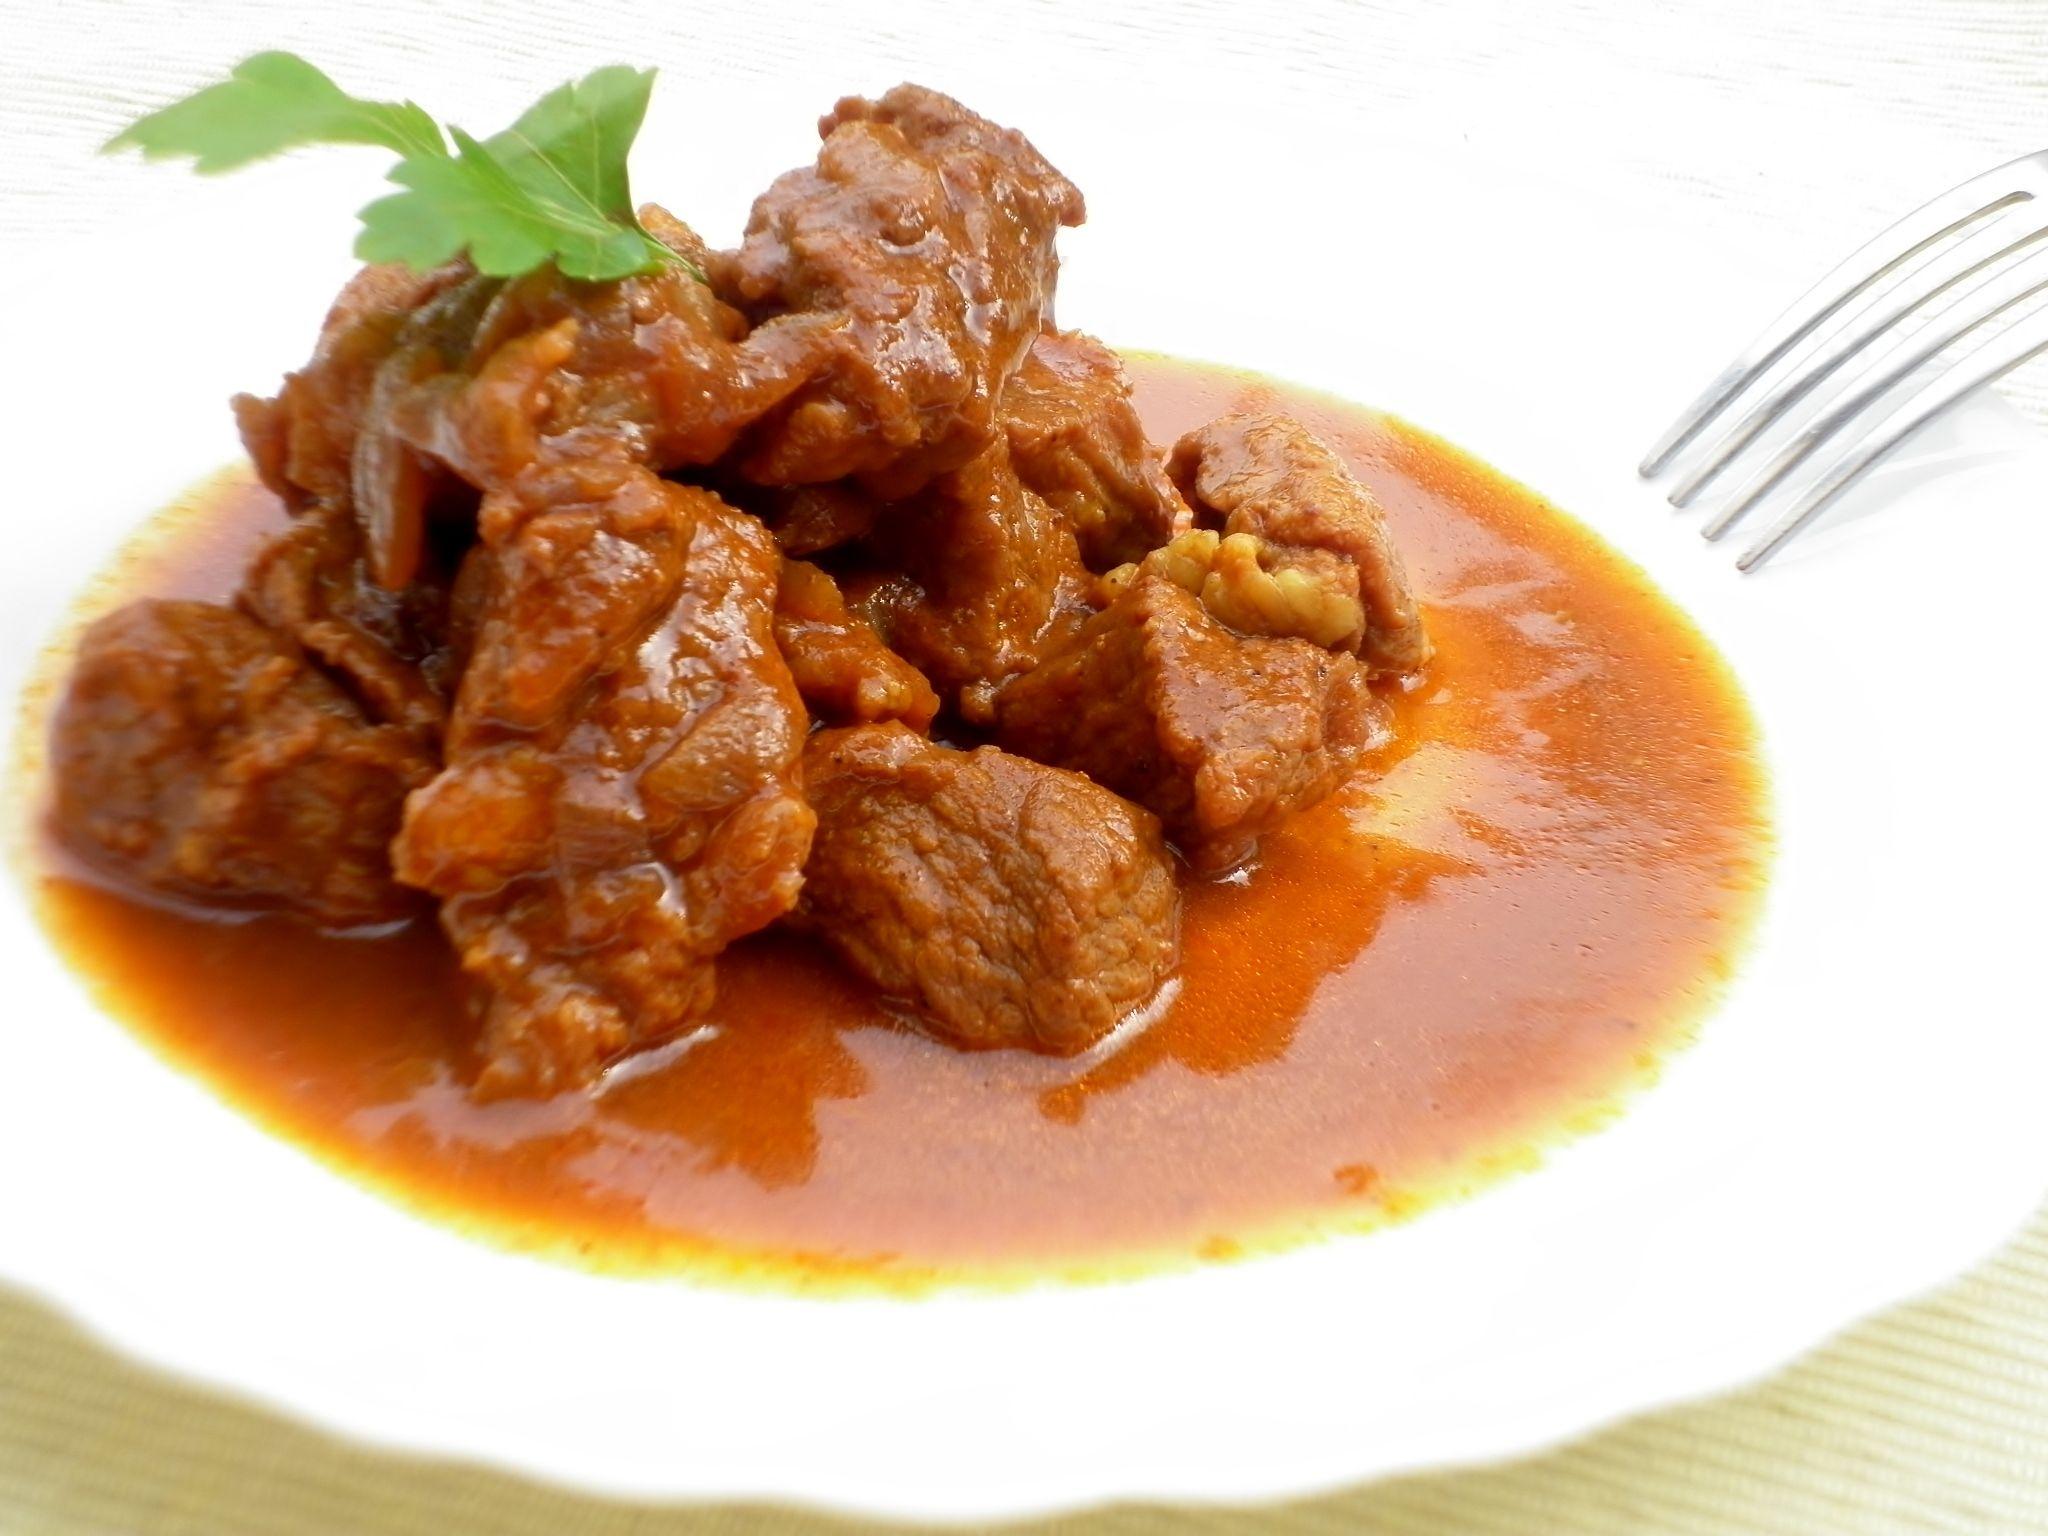 Ricetta dello spezzatino di vitello con cipolle alla paprika un secondo piatto semplice e gustoso